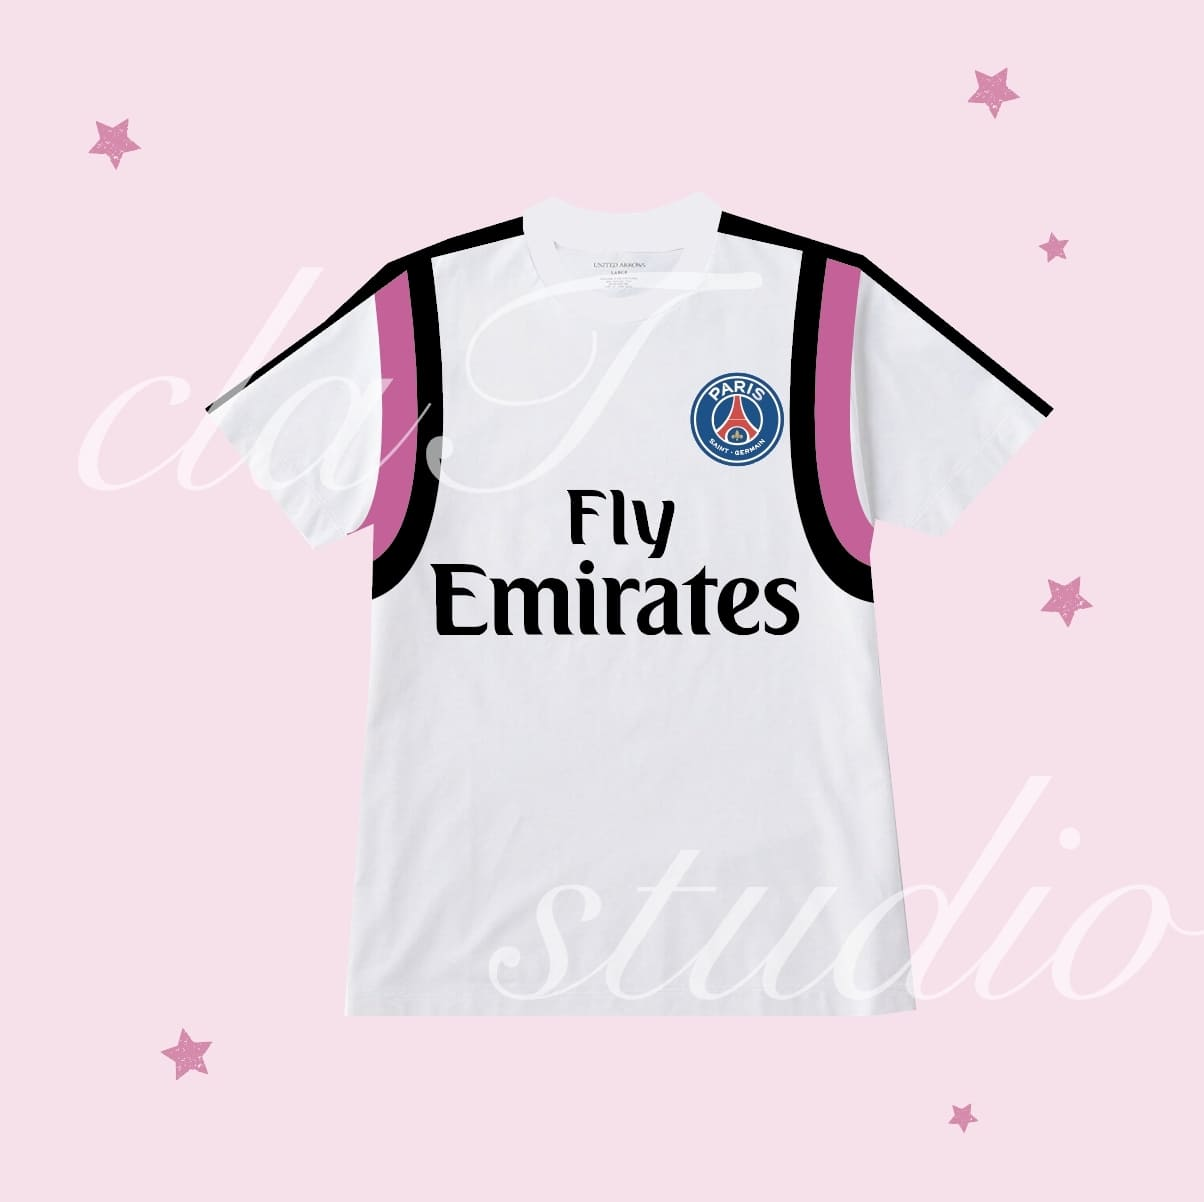 紫のサッカーユニフォームクラスtシャツ_image_0001